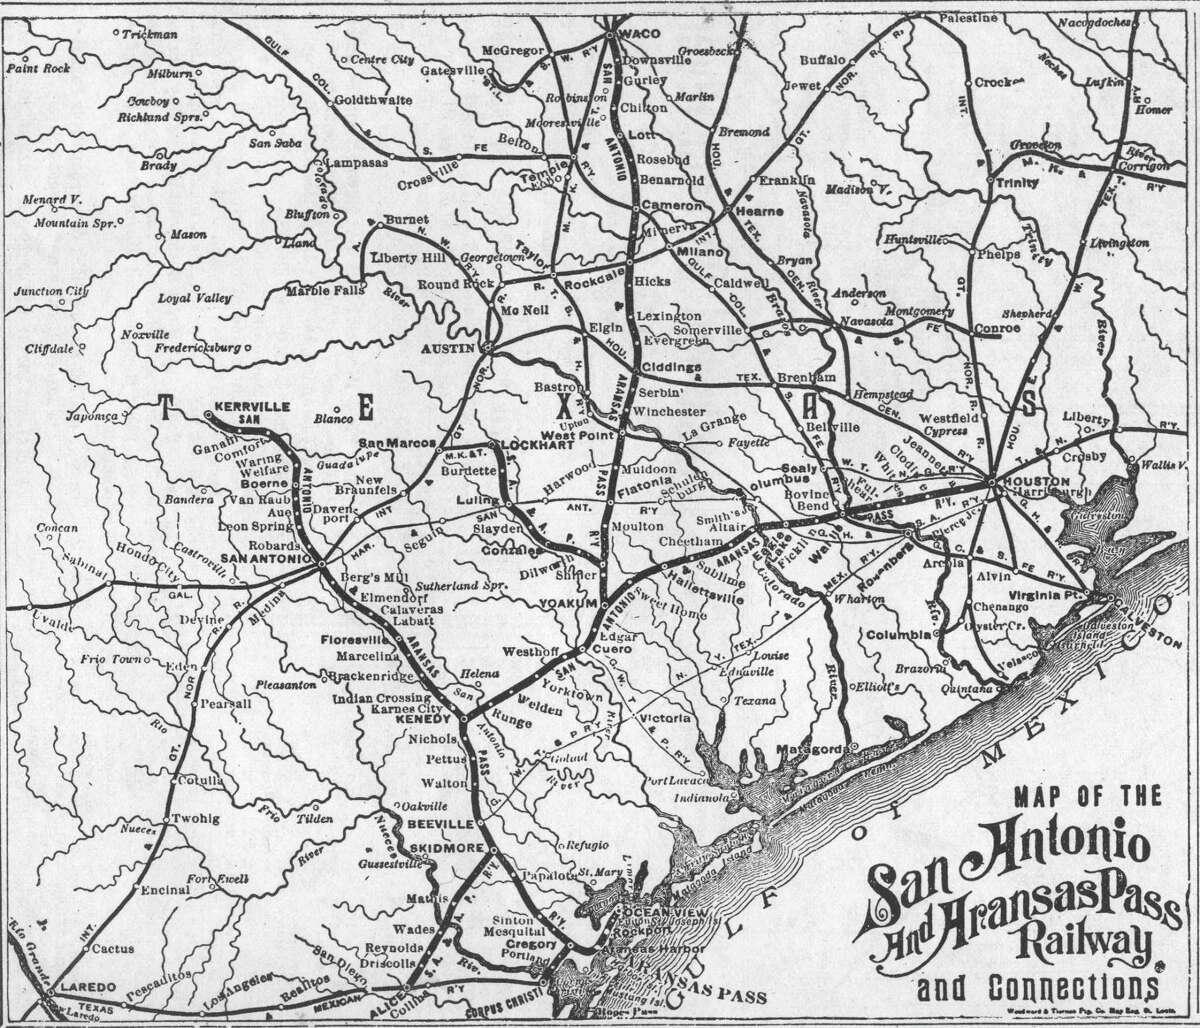 San Antonio & Aranasas Pass system map.